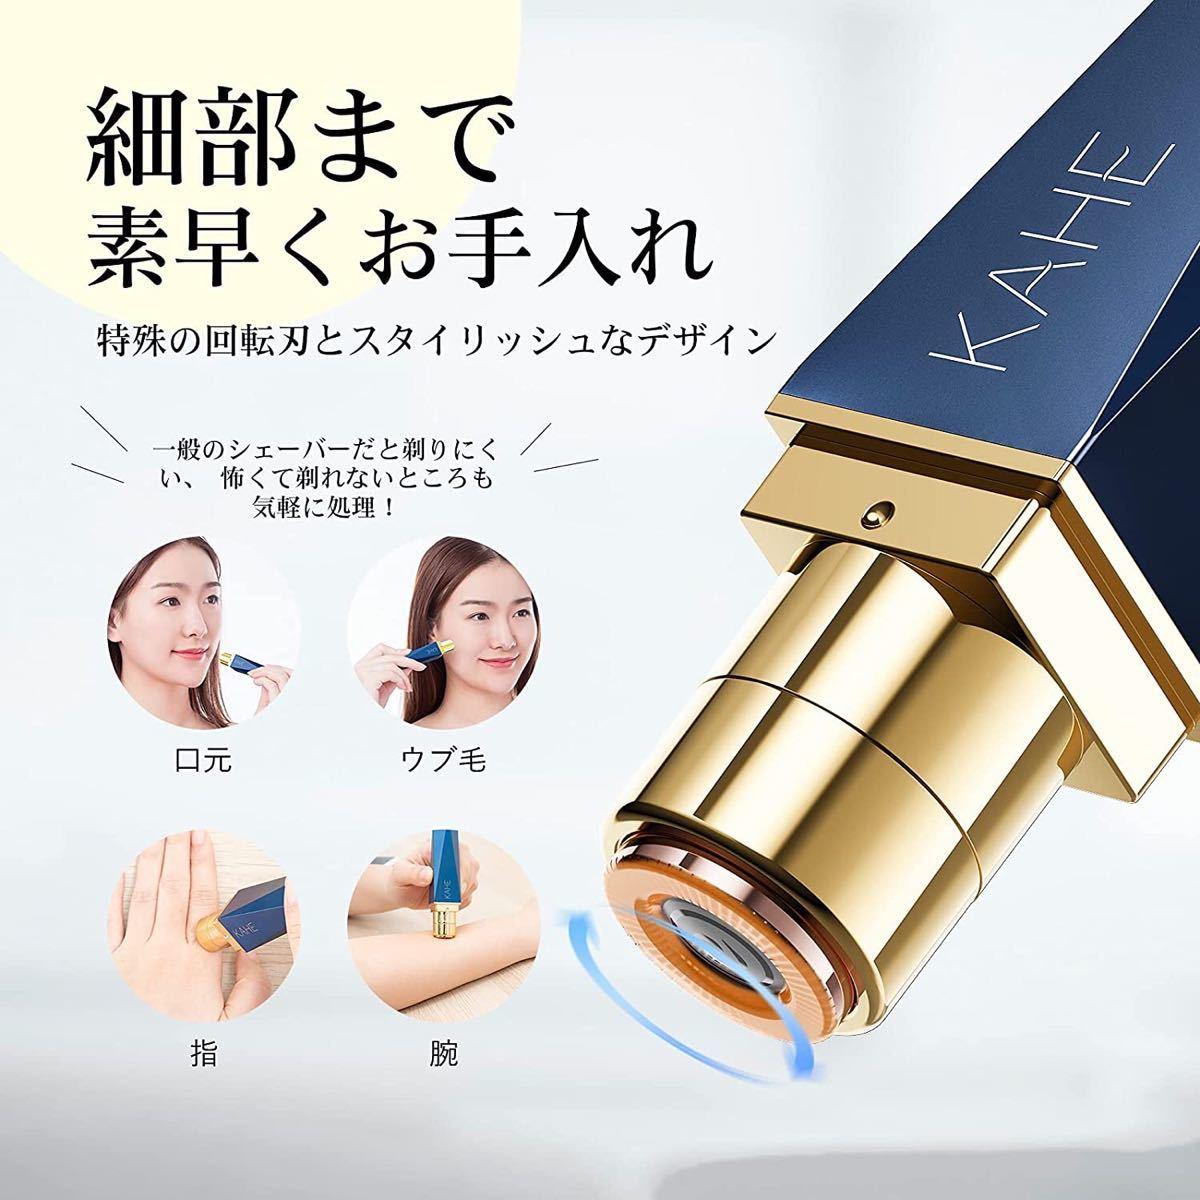 レディースシェーバー 水洗い可能 女性用シェーバー 充電式 内蔵式回転刃